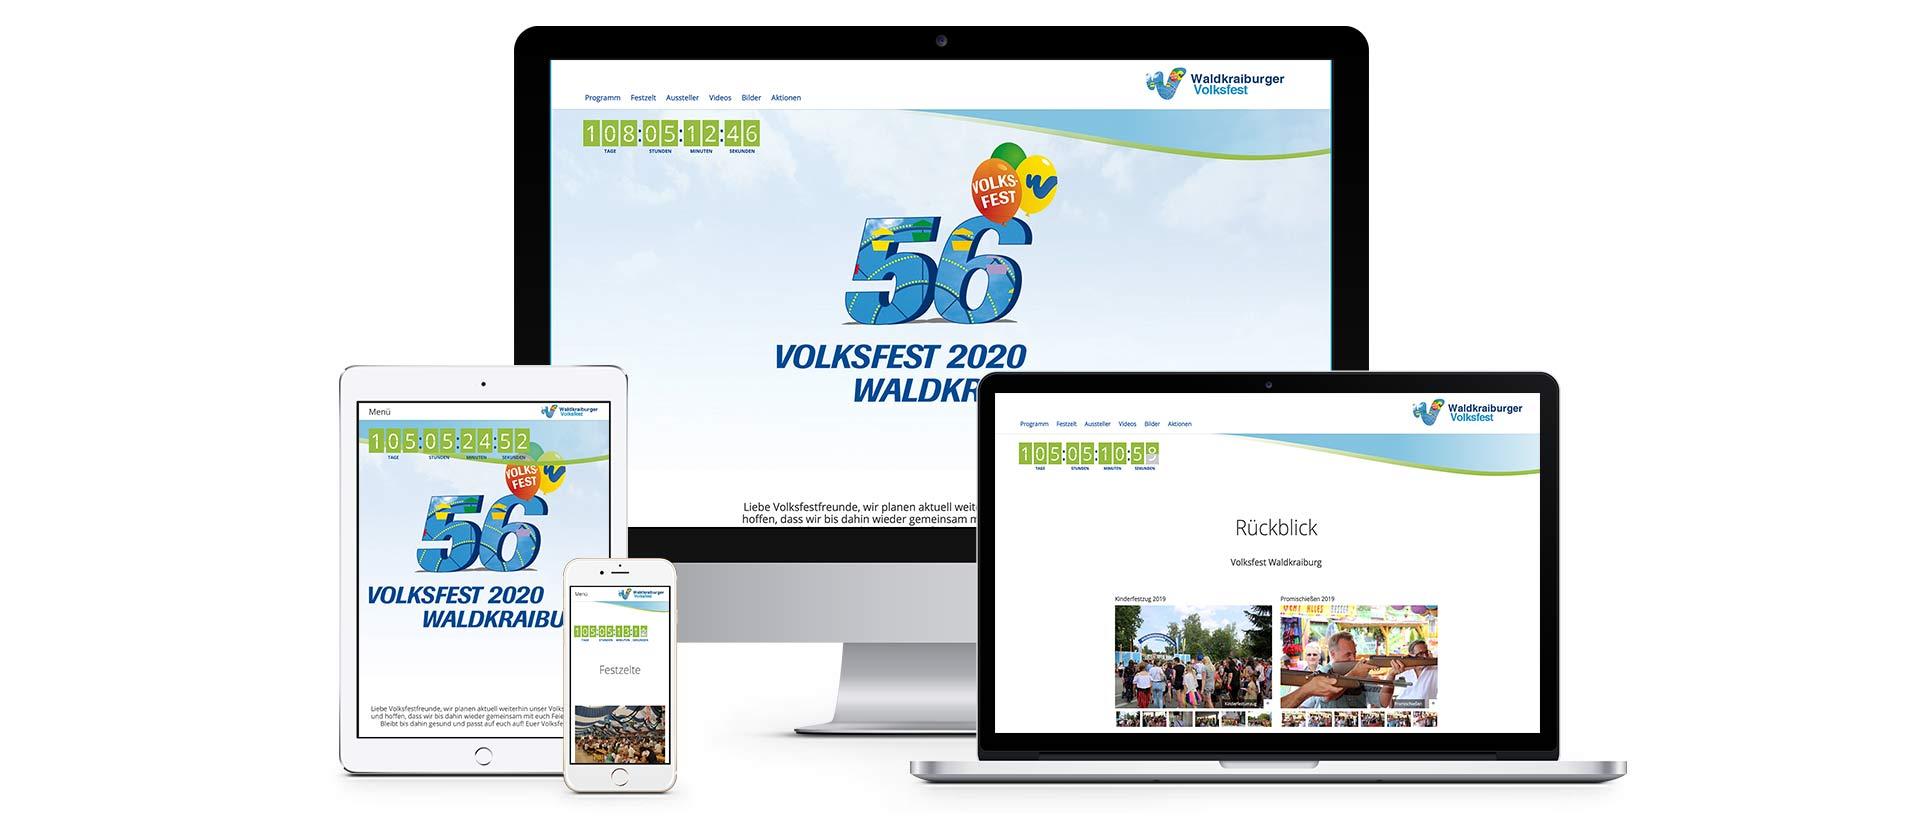 Waldkraiburg Web 1